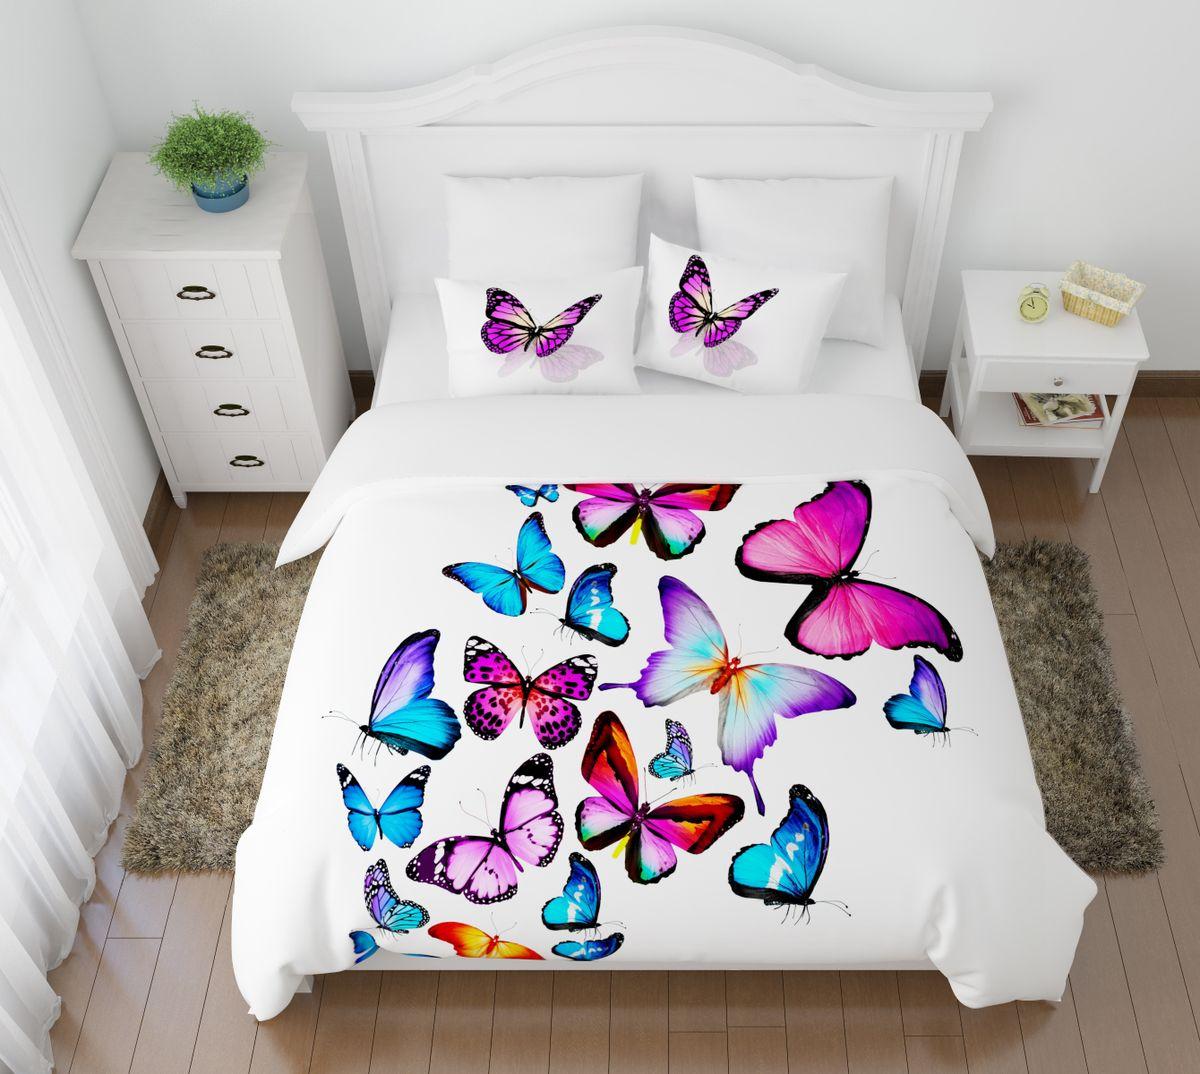 Комплект белья Сирень Яркие бабочки, 1,5-спальный, наволочки 50x70391602Комплект постельного белья Сирень состоит из простыни, пододеяльника и 2 наволочек. Комплект выполнен из современных гипоаллергенных материалов. Приятный при прикосновении сатин - гарантия здорового, спокойного сна. Ткань хорошо впитывает влагу, надолго сохраняет яркость красок. Четкий, изящный рисунок в сочетании с насыщенными красками делает комплект постельного белья неповторимой изюминкой любого интерьера. Постельное белье идеально подойдет для подарка.